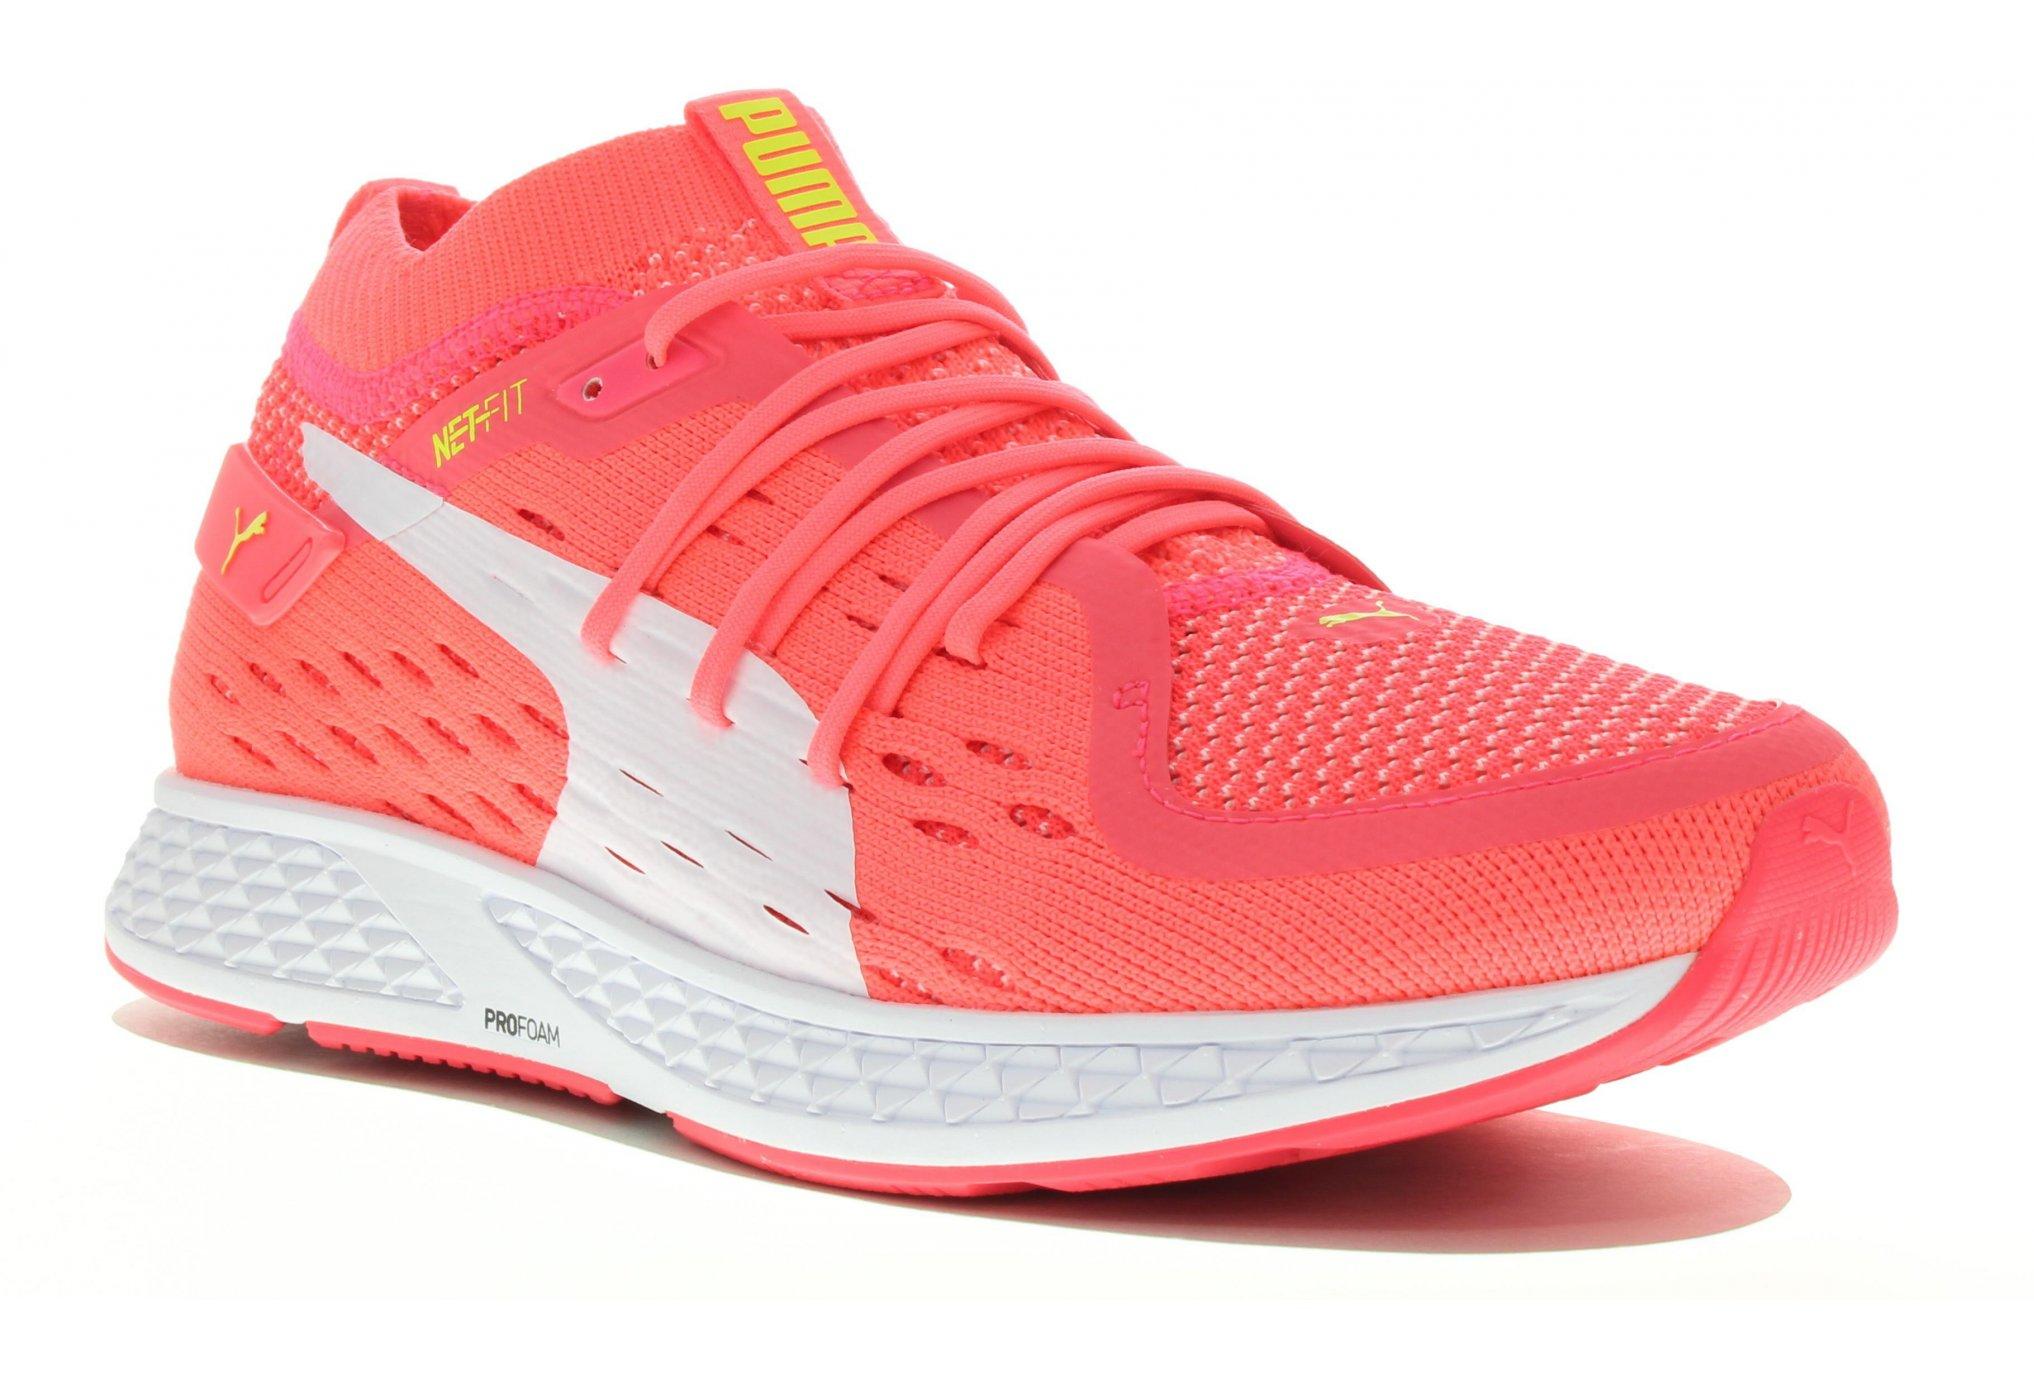 Puma Speed 500 W Chaussures running femme